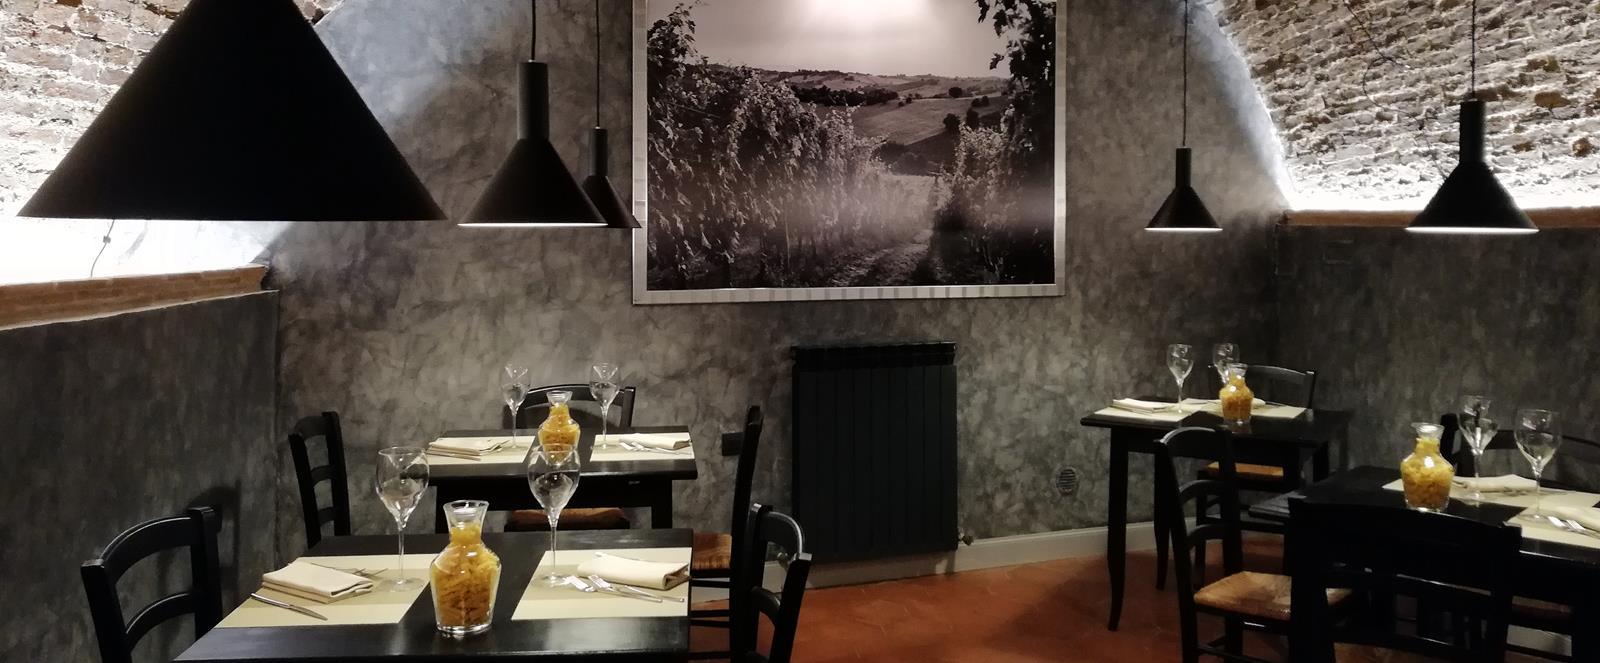 ristorantino perugia